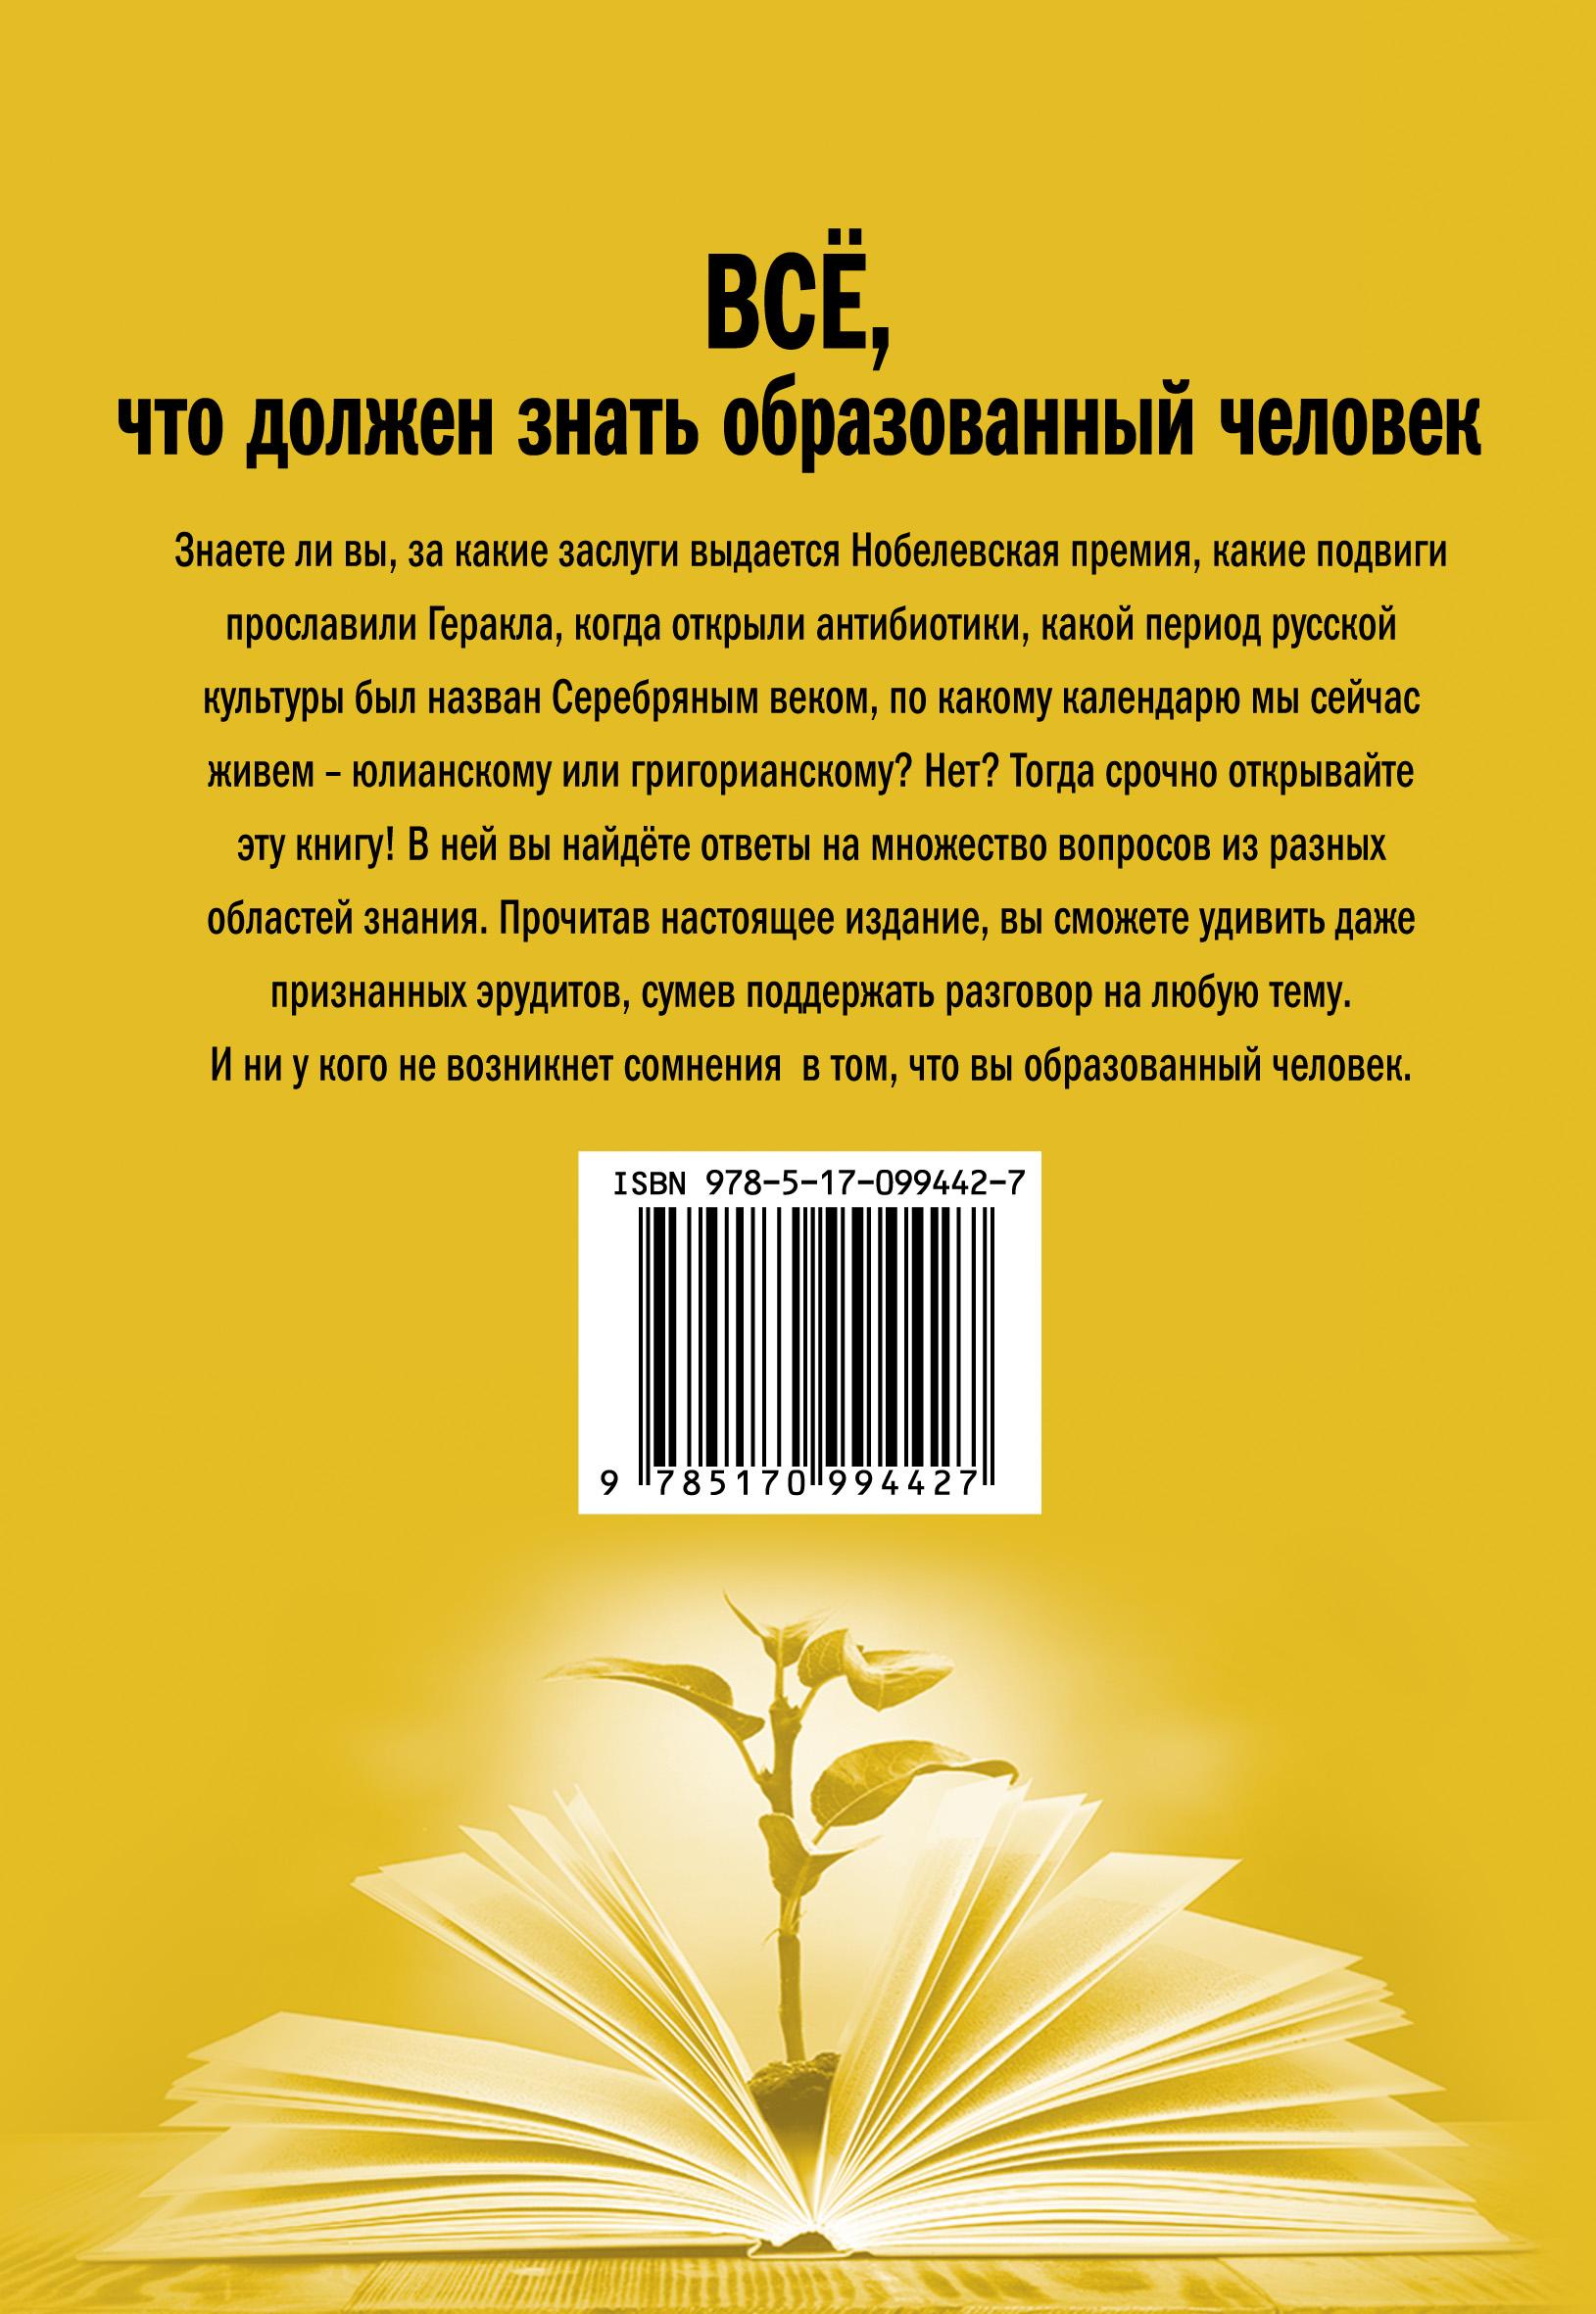 материал замечательно 10 книг образованного человека начале